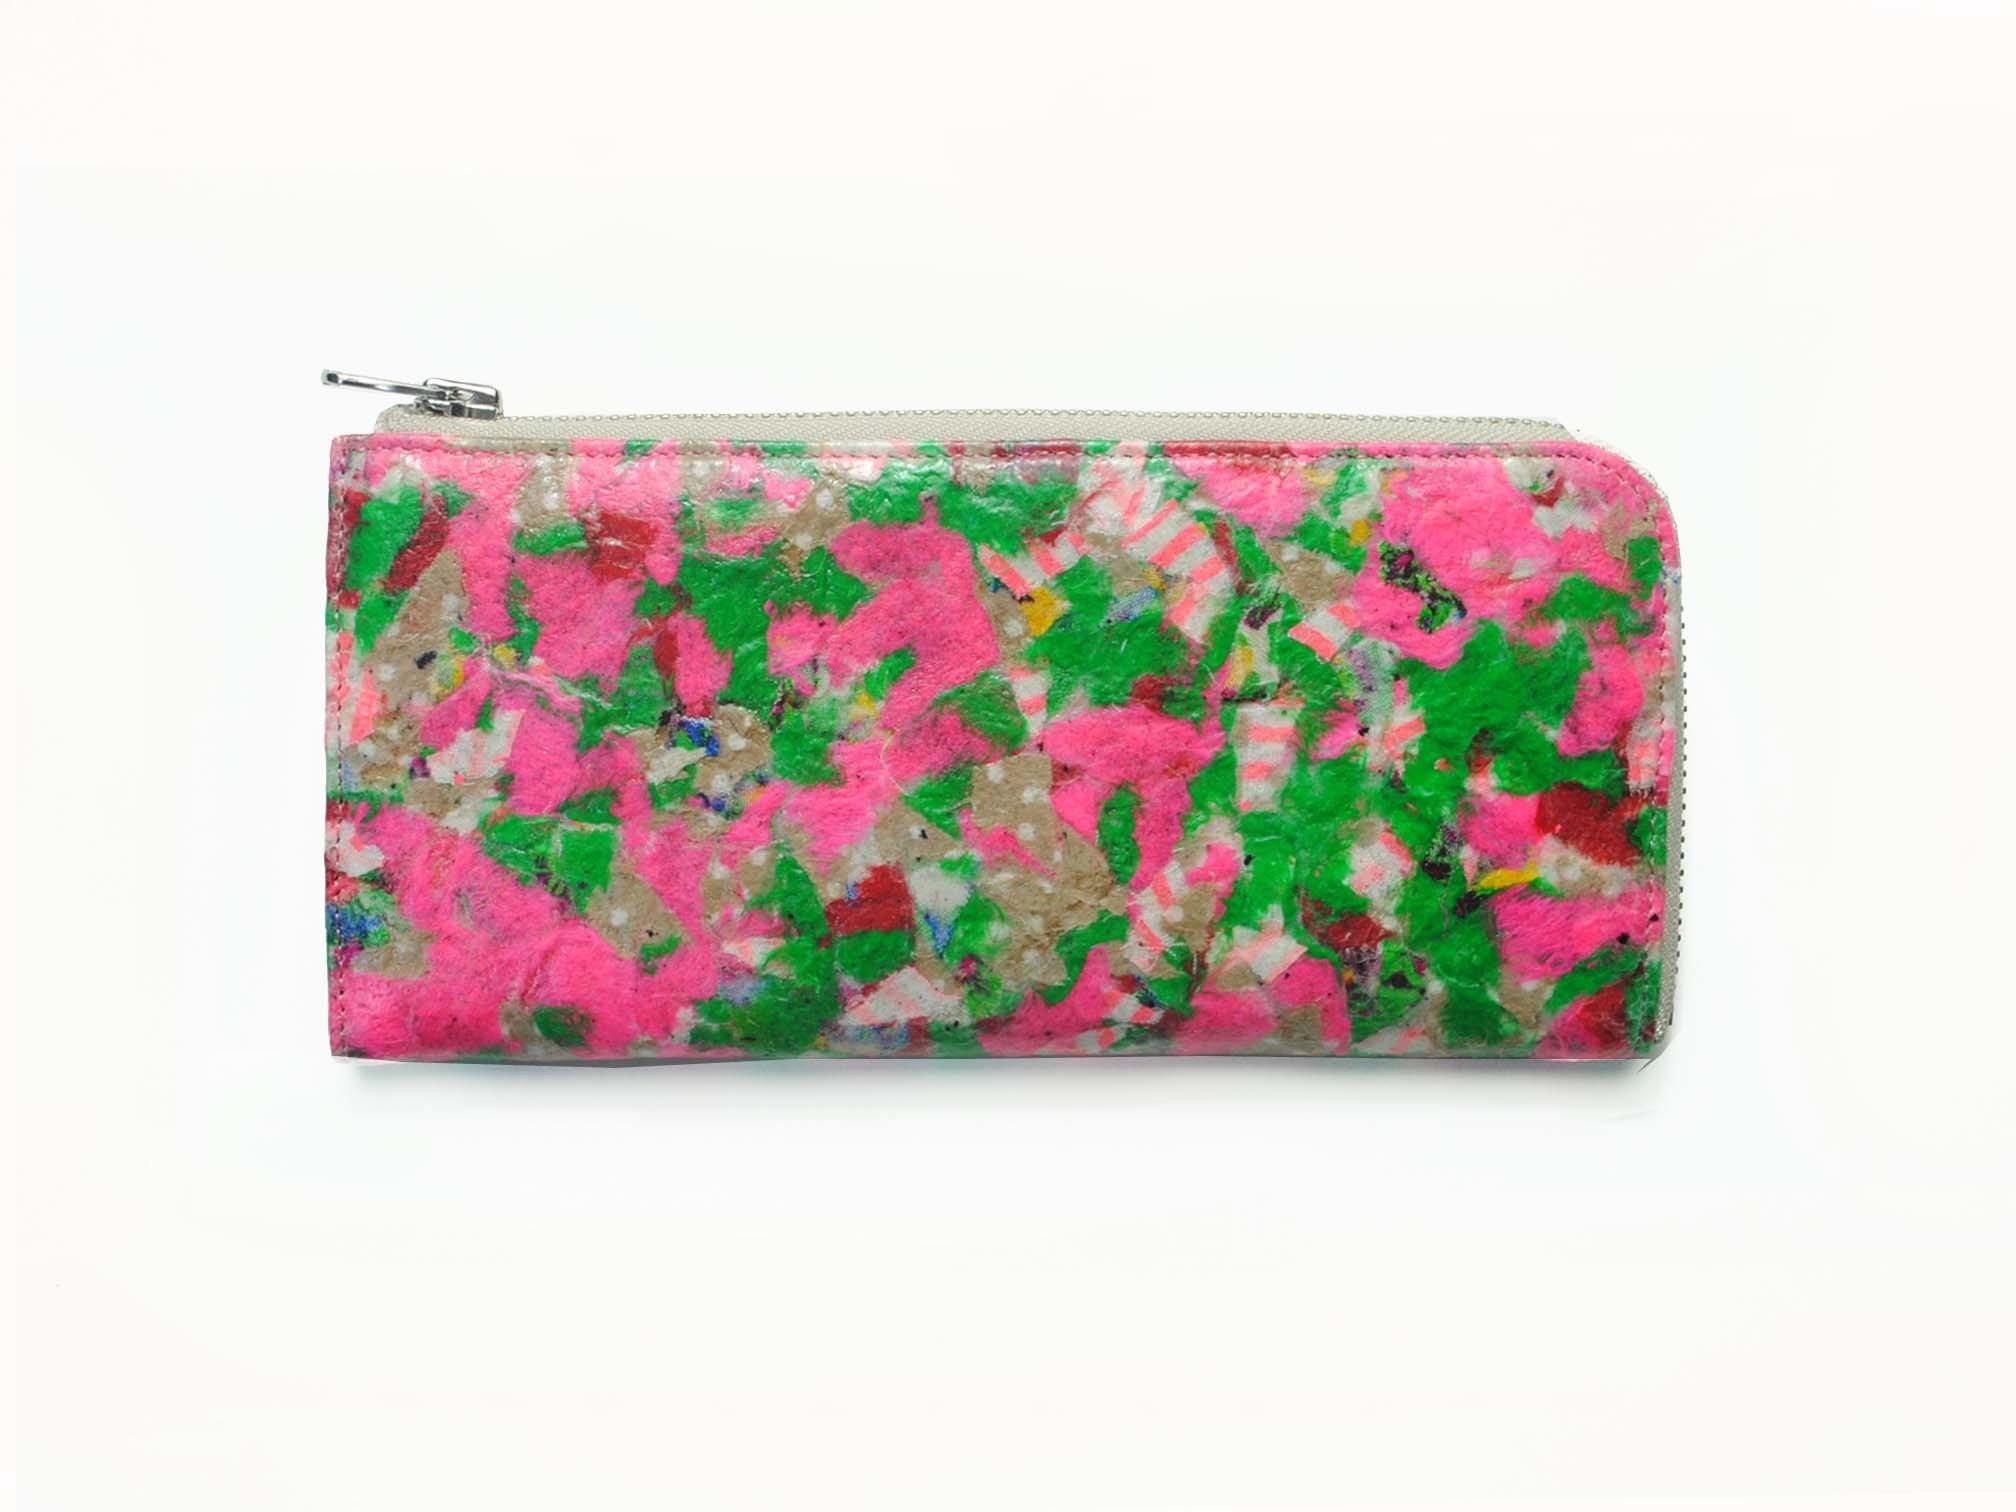 0-191-443 Schure Wallet [Lotus] Pink x Green